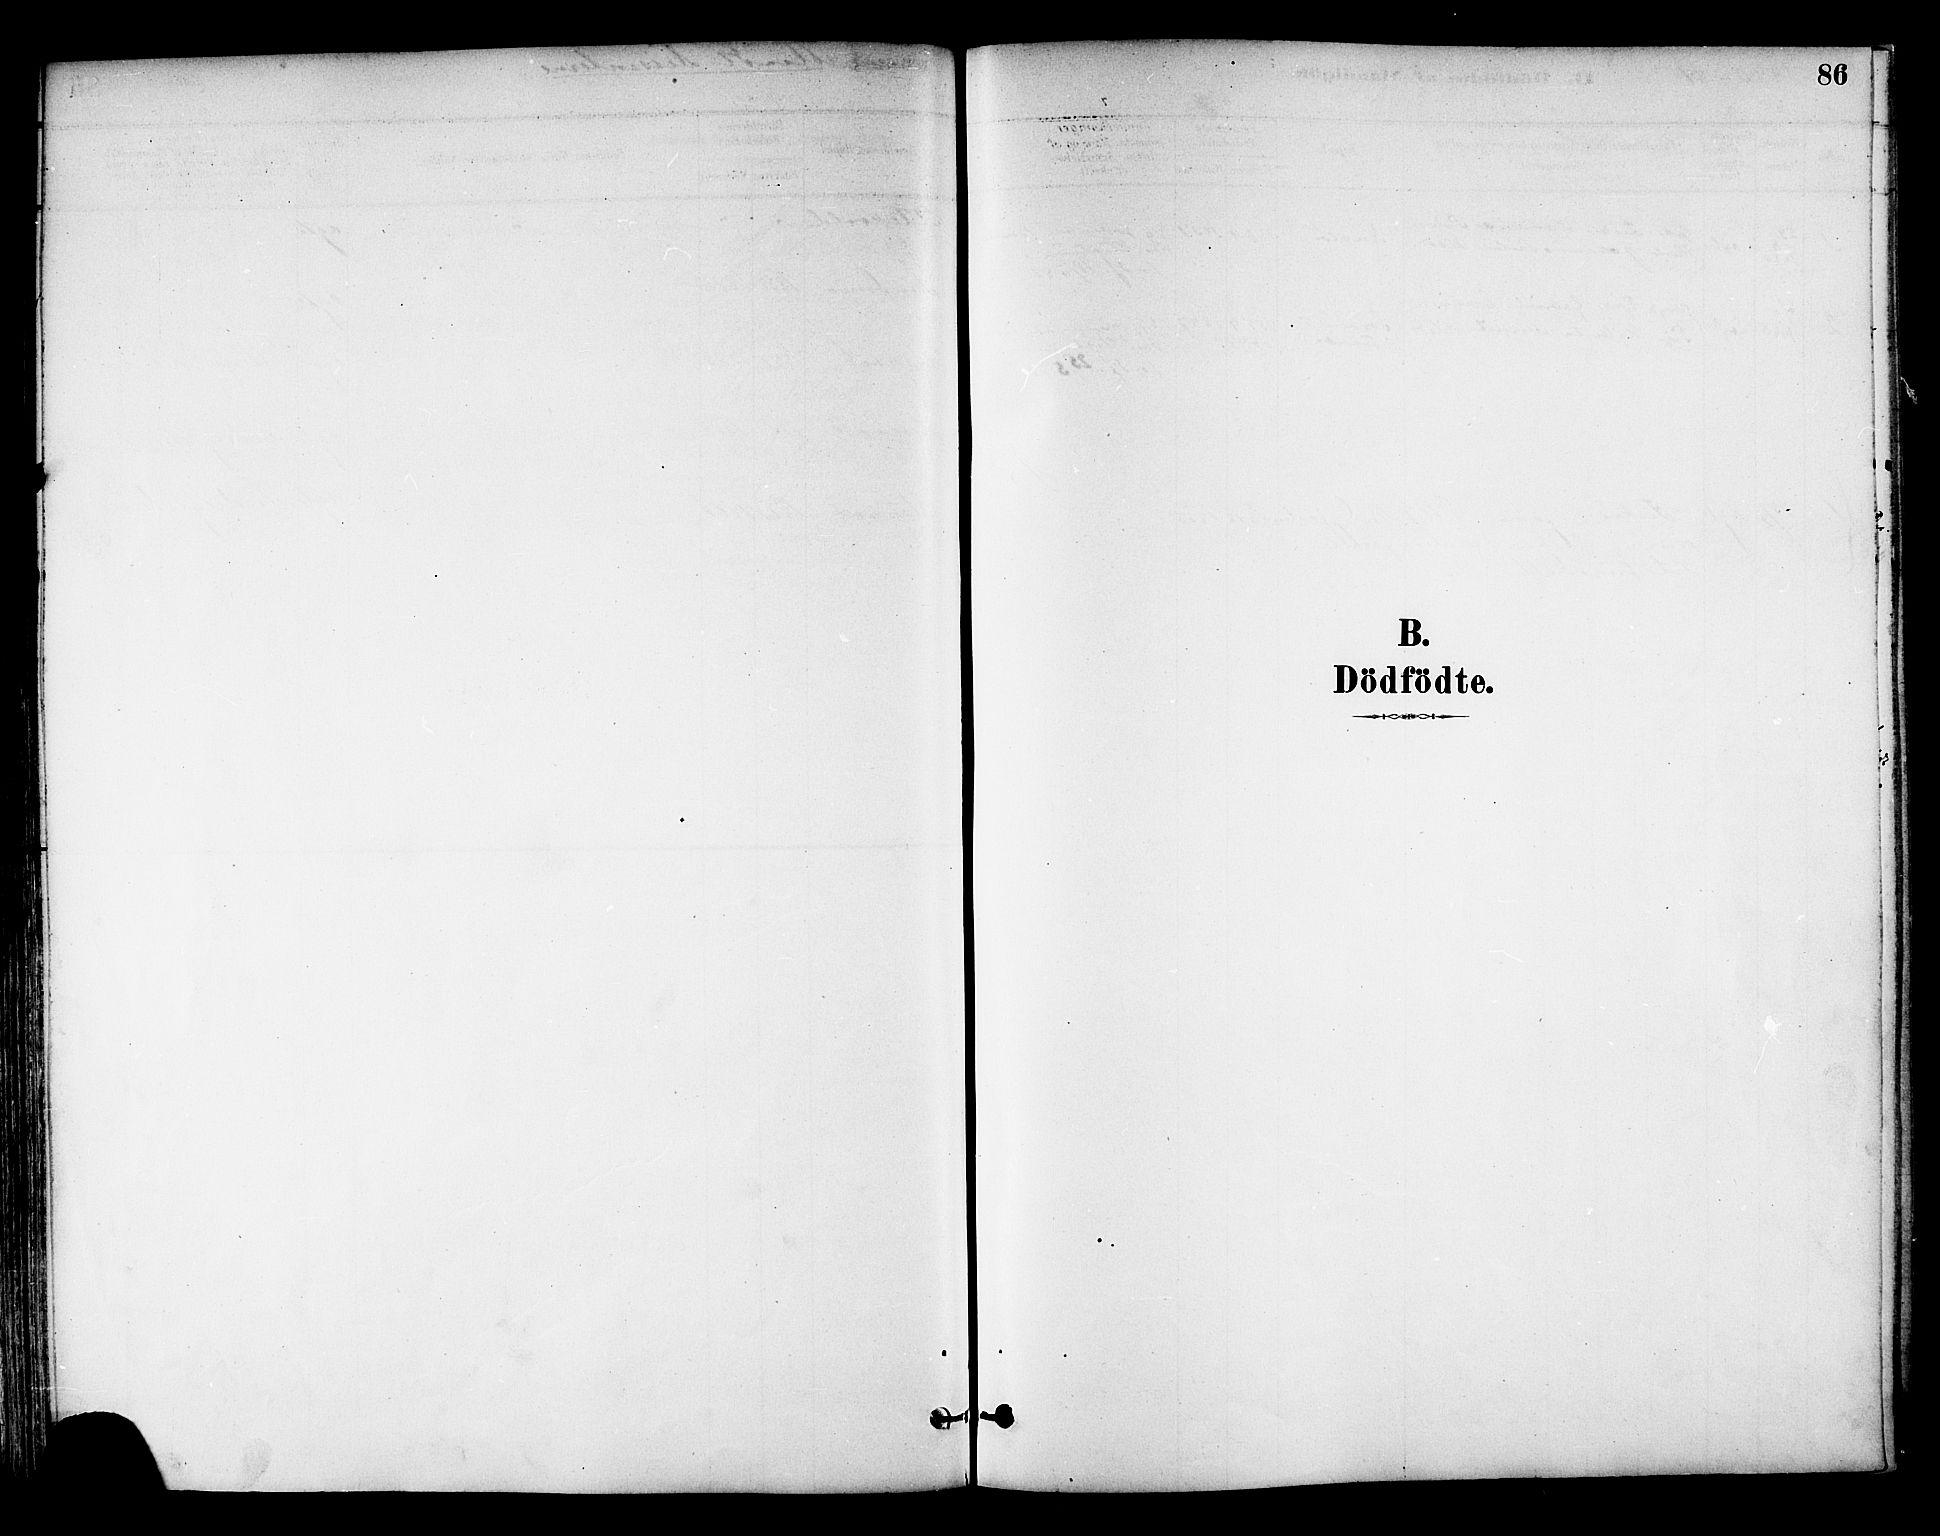 SAT, Ministerialprotokoller, klokkerbøker og fødselsregistre - Nord-Trøndelag, 786/L0686: Ministerialbok nr. 786A02, 1880-1887, s. 86